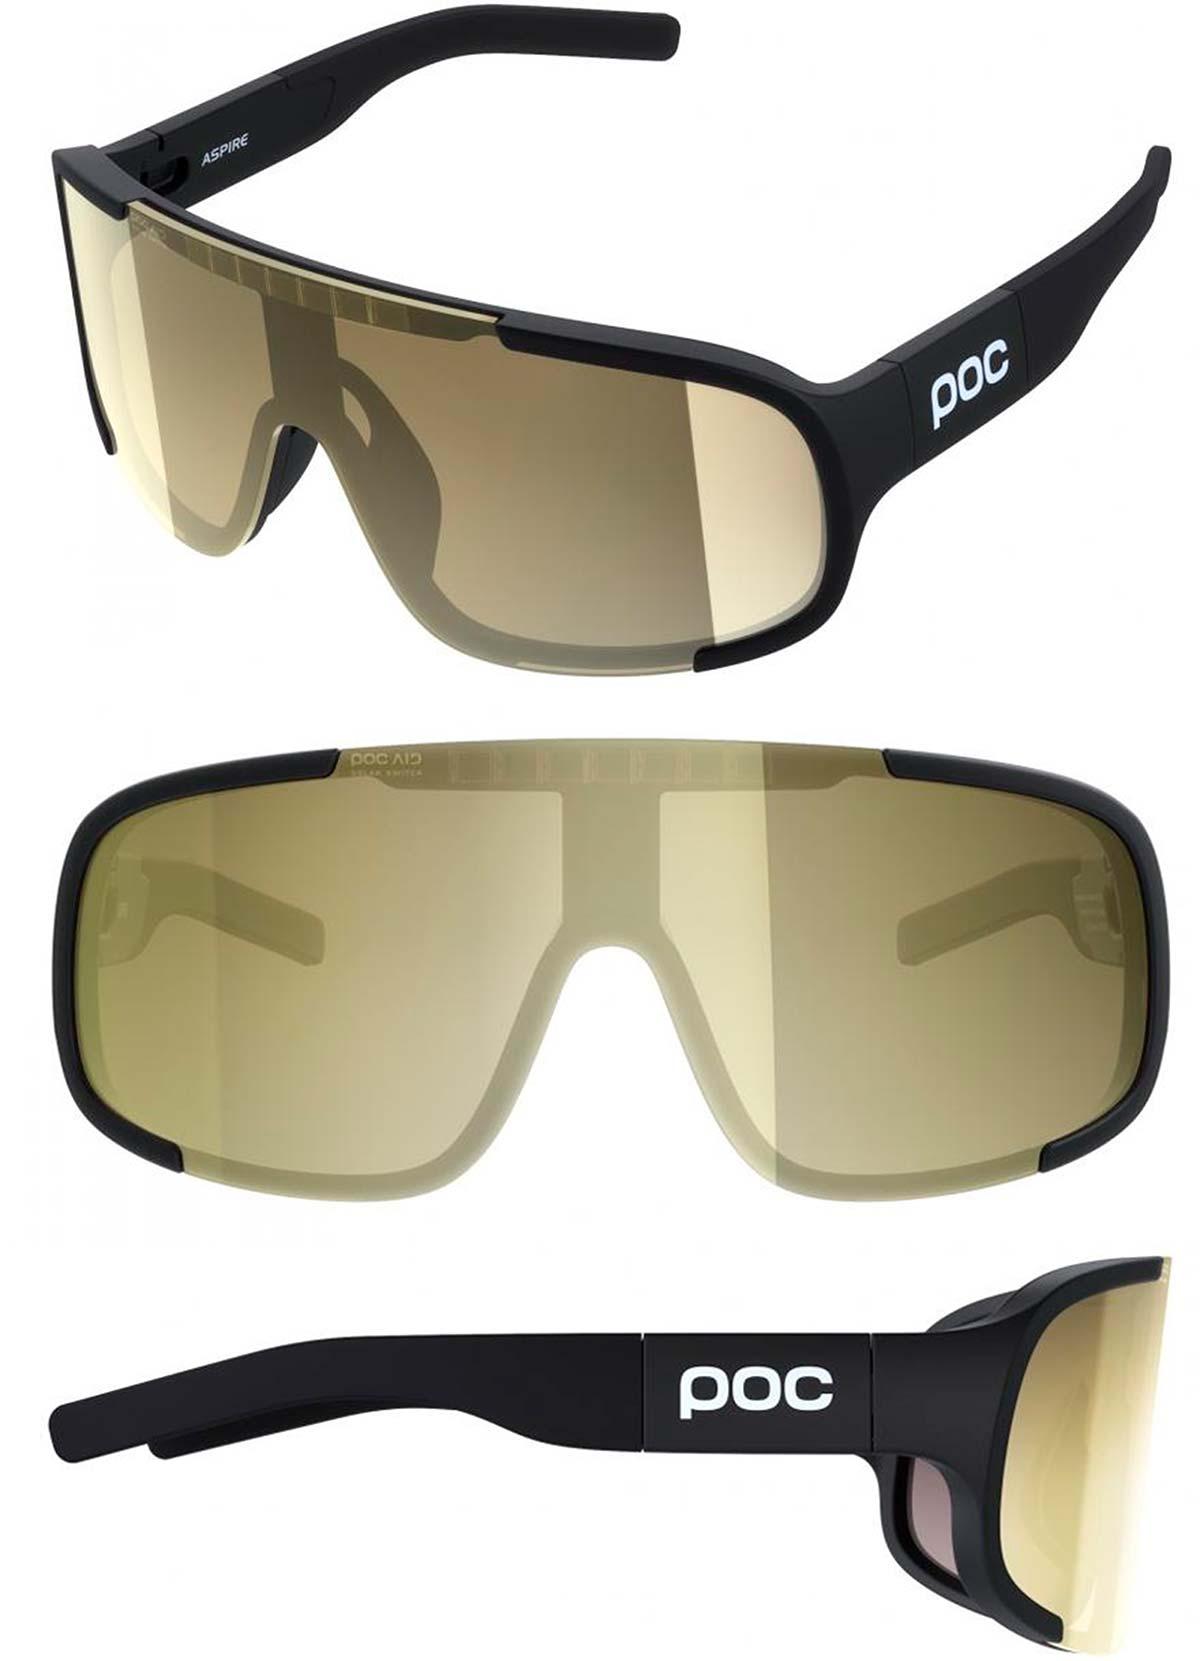 POC Aspire Solar Switch, las primeras gafas de ciclismo con lente electrocrómica potenciada con energía s...